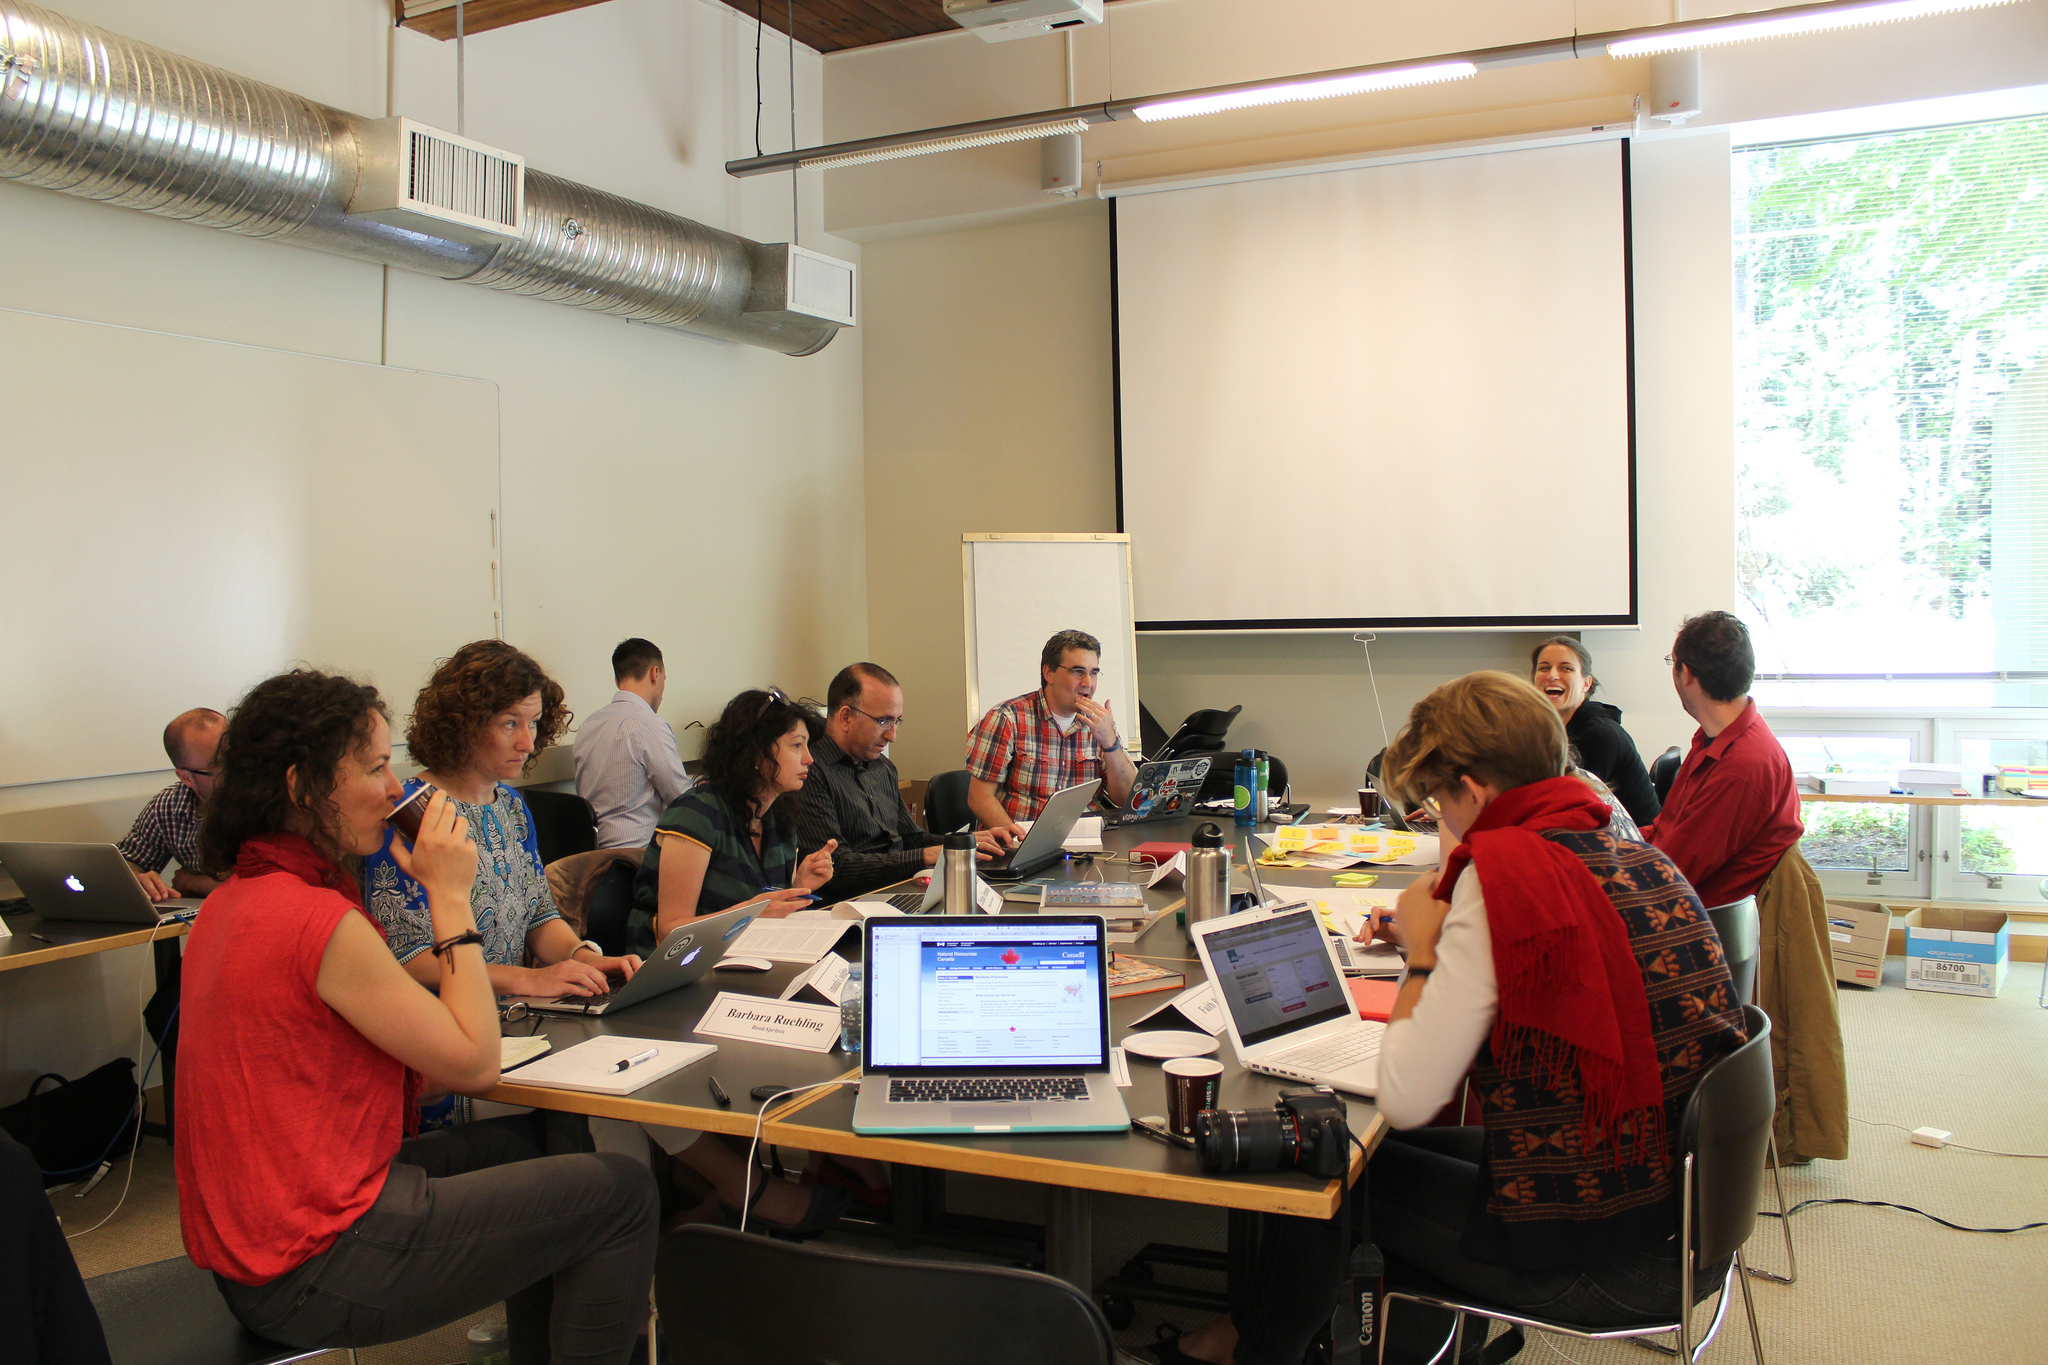 Le personnel de BCcampus à principes ouverts pour le partage des connaissances